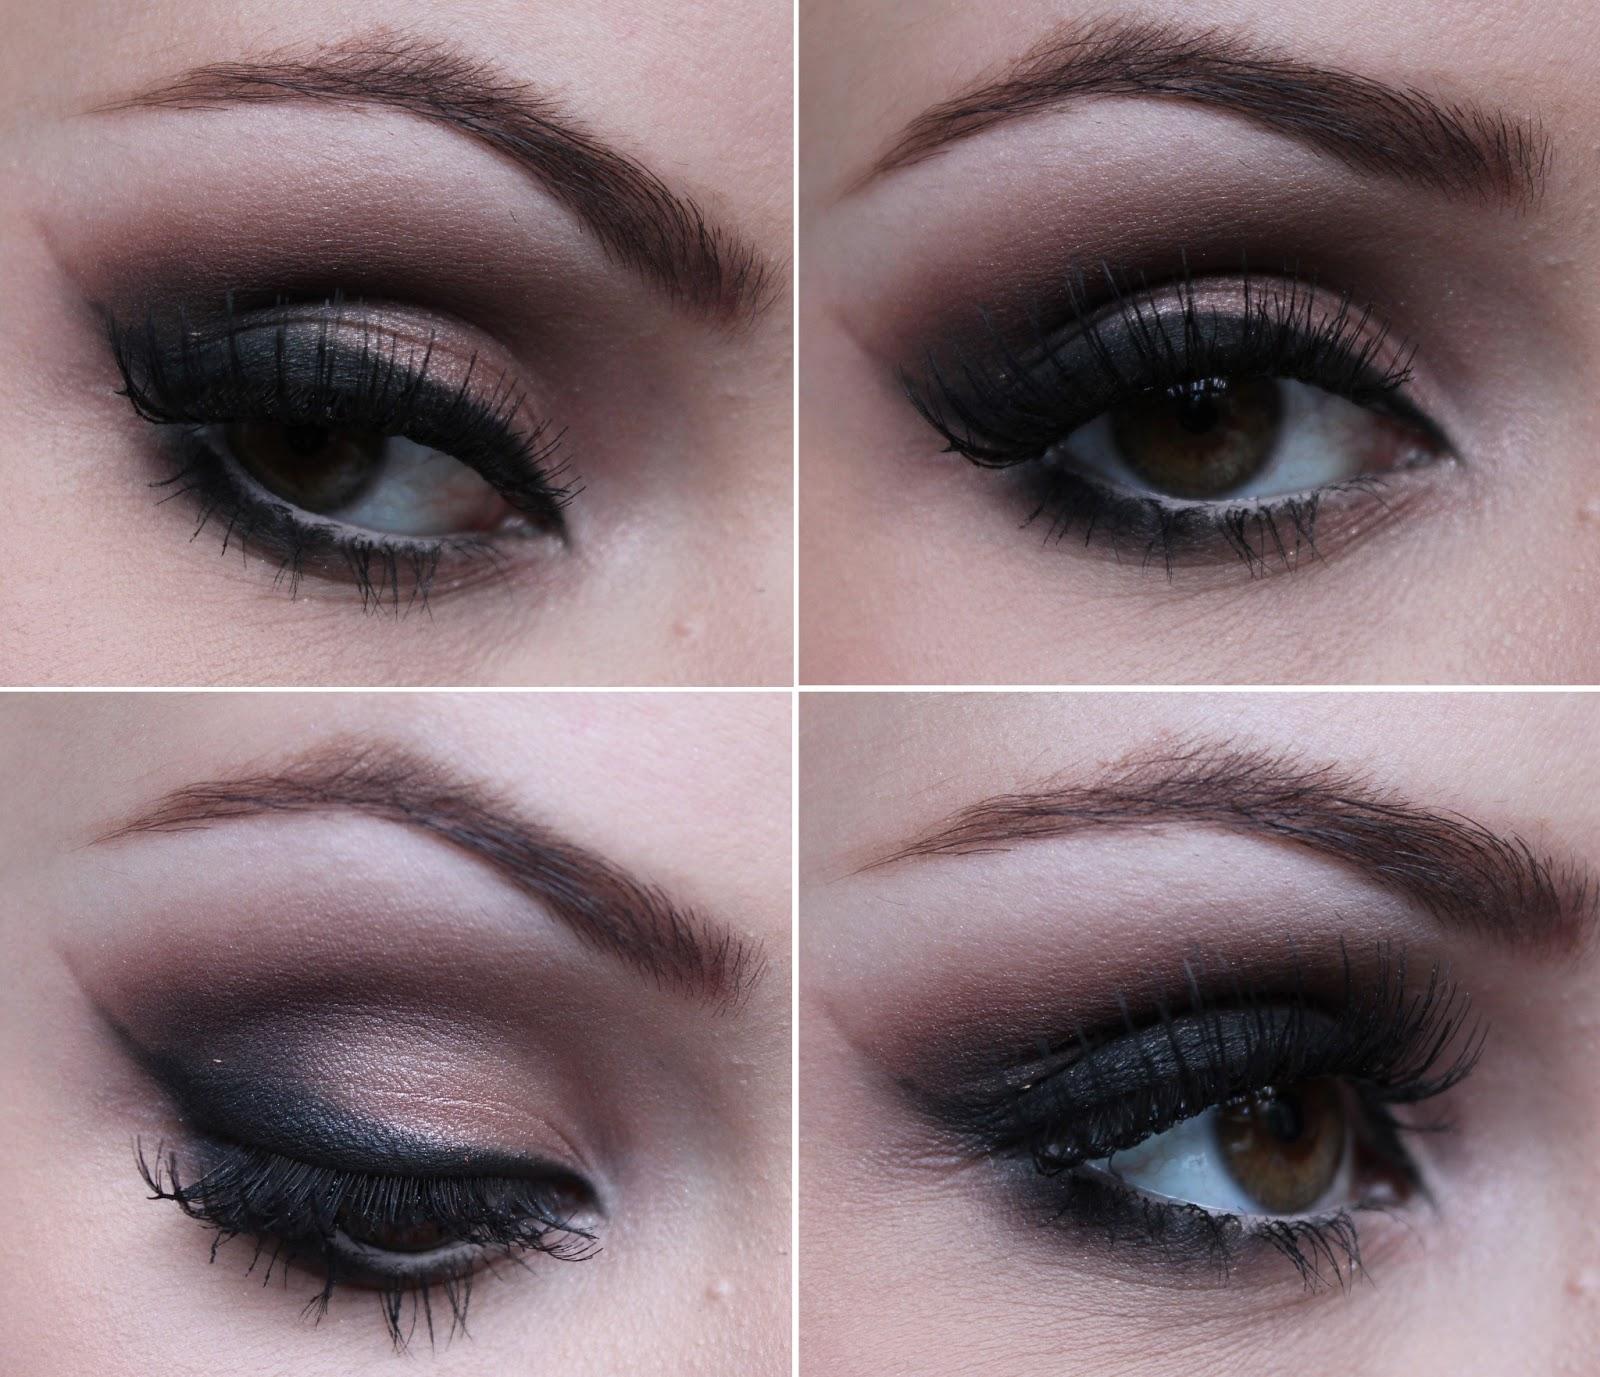 Combinar tons claros e escuros nos olhos